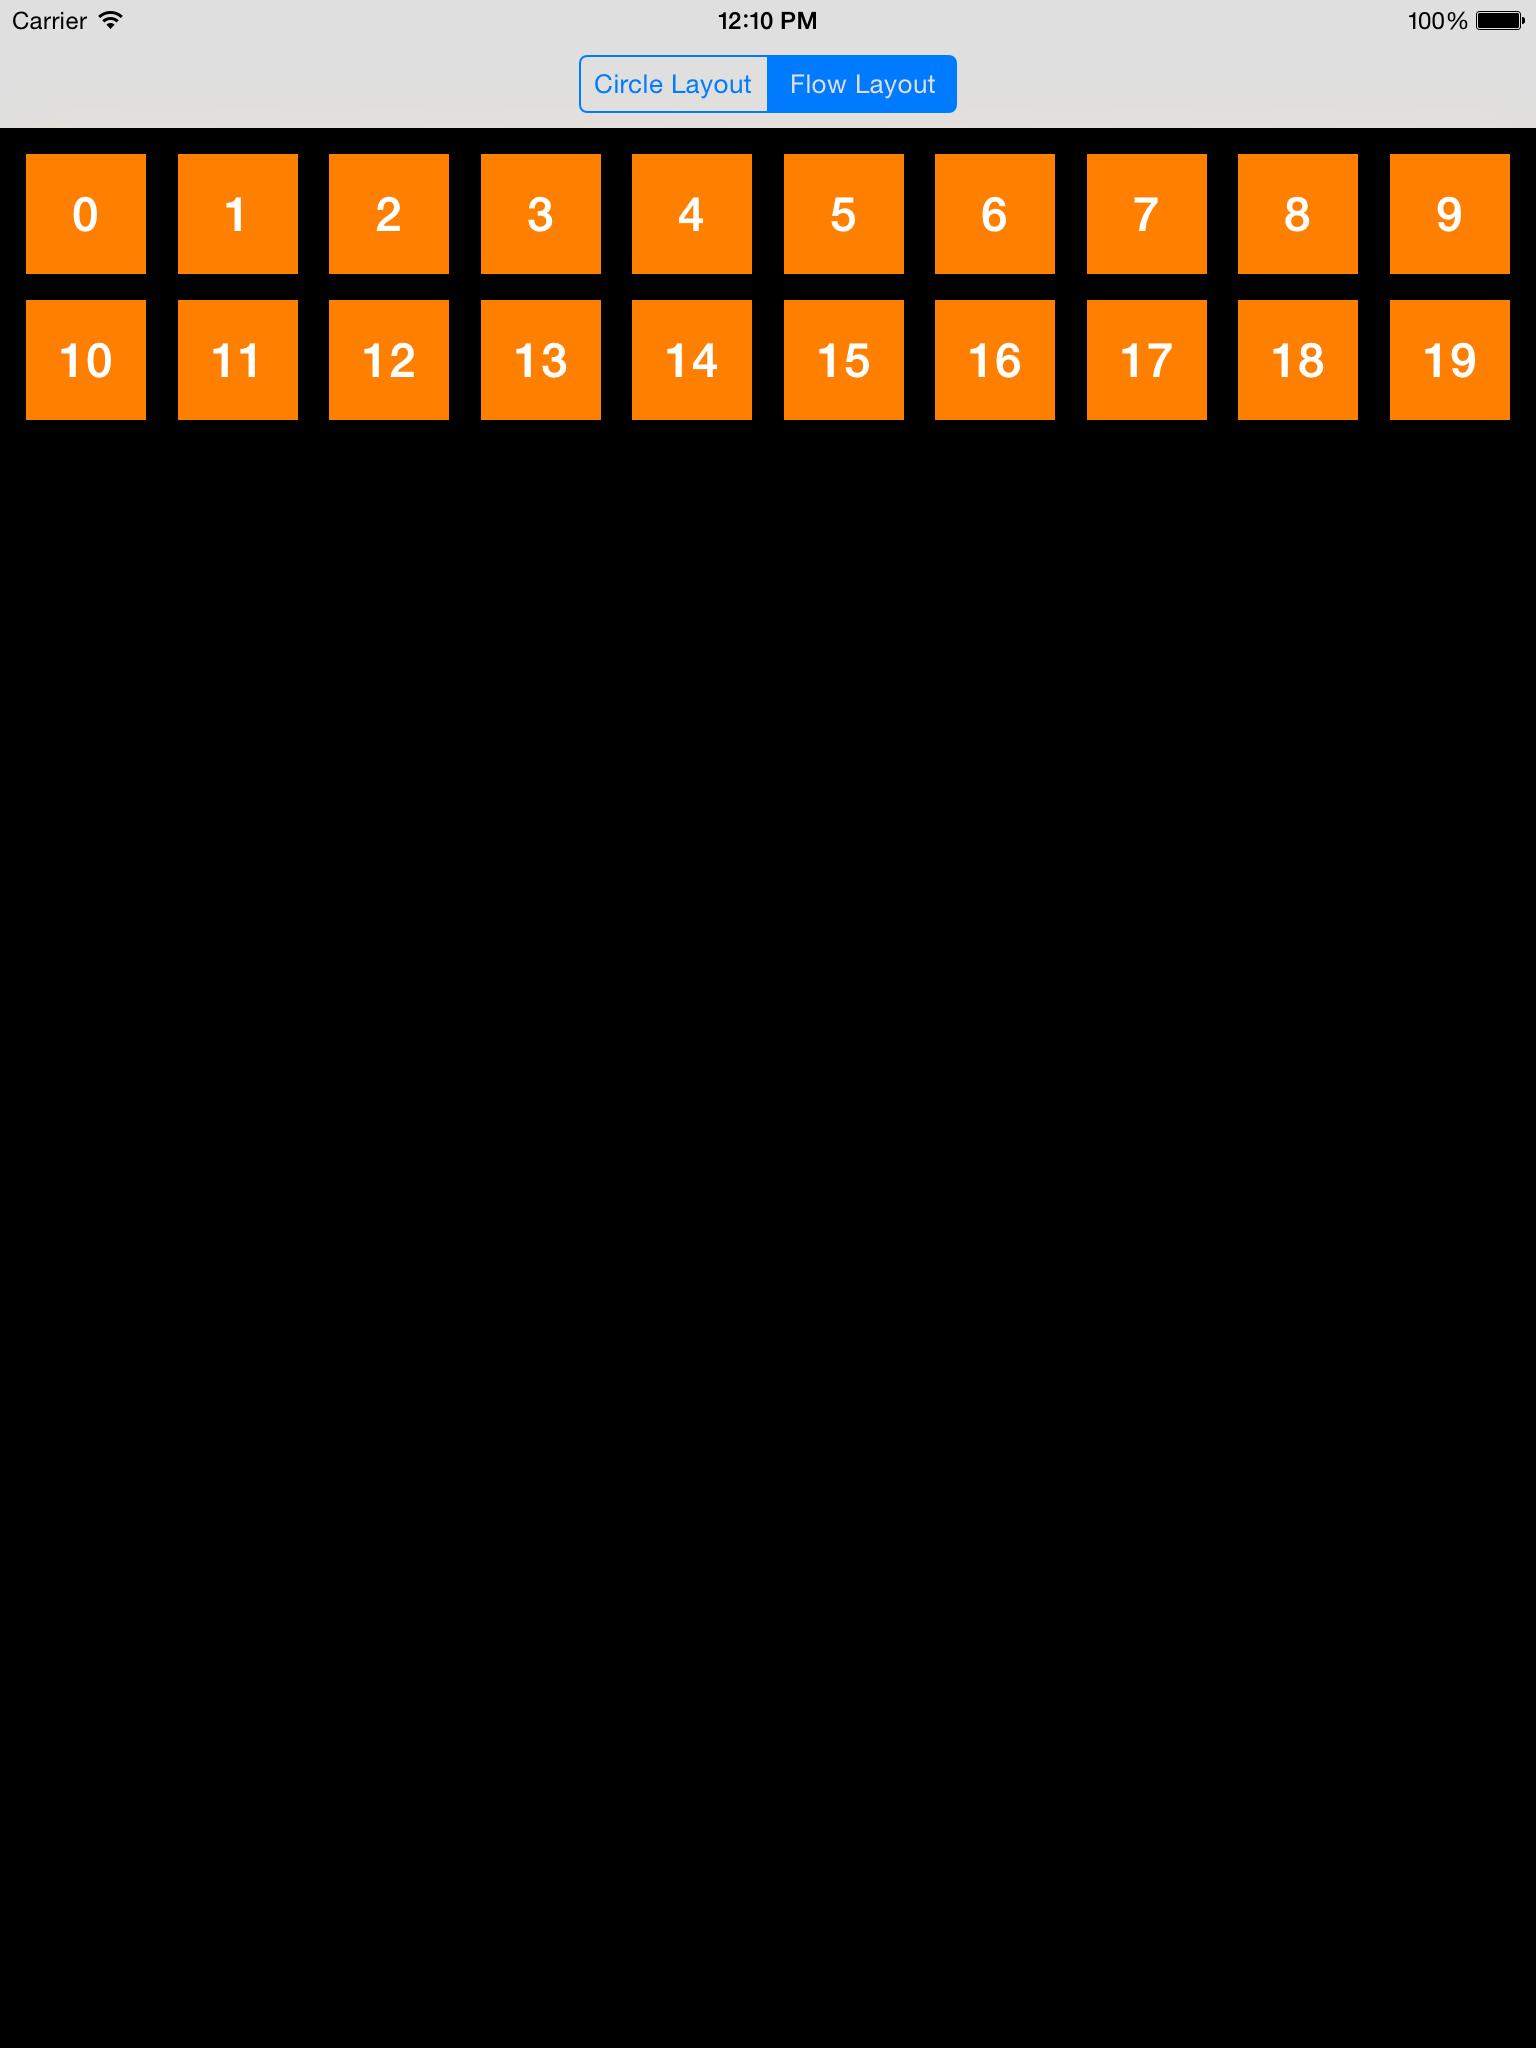 iOS Simulator Screen Shot 30-Jul-2015 12.10.02 pm